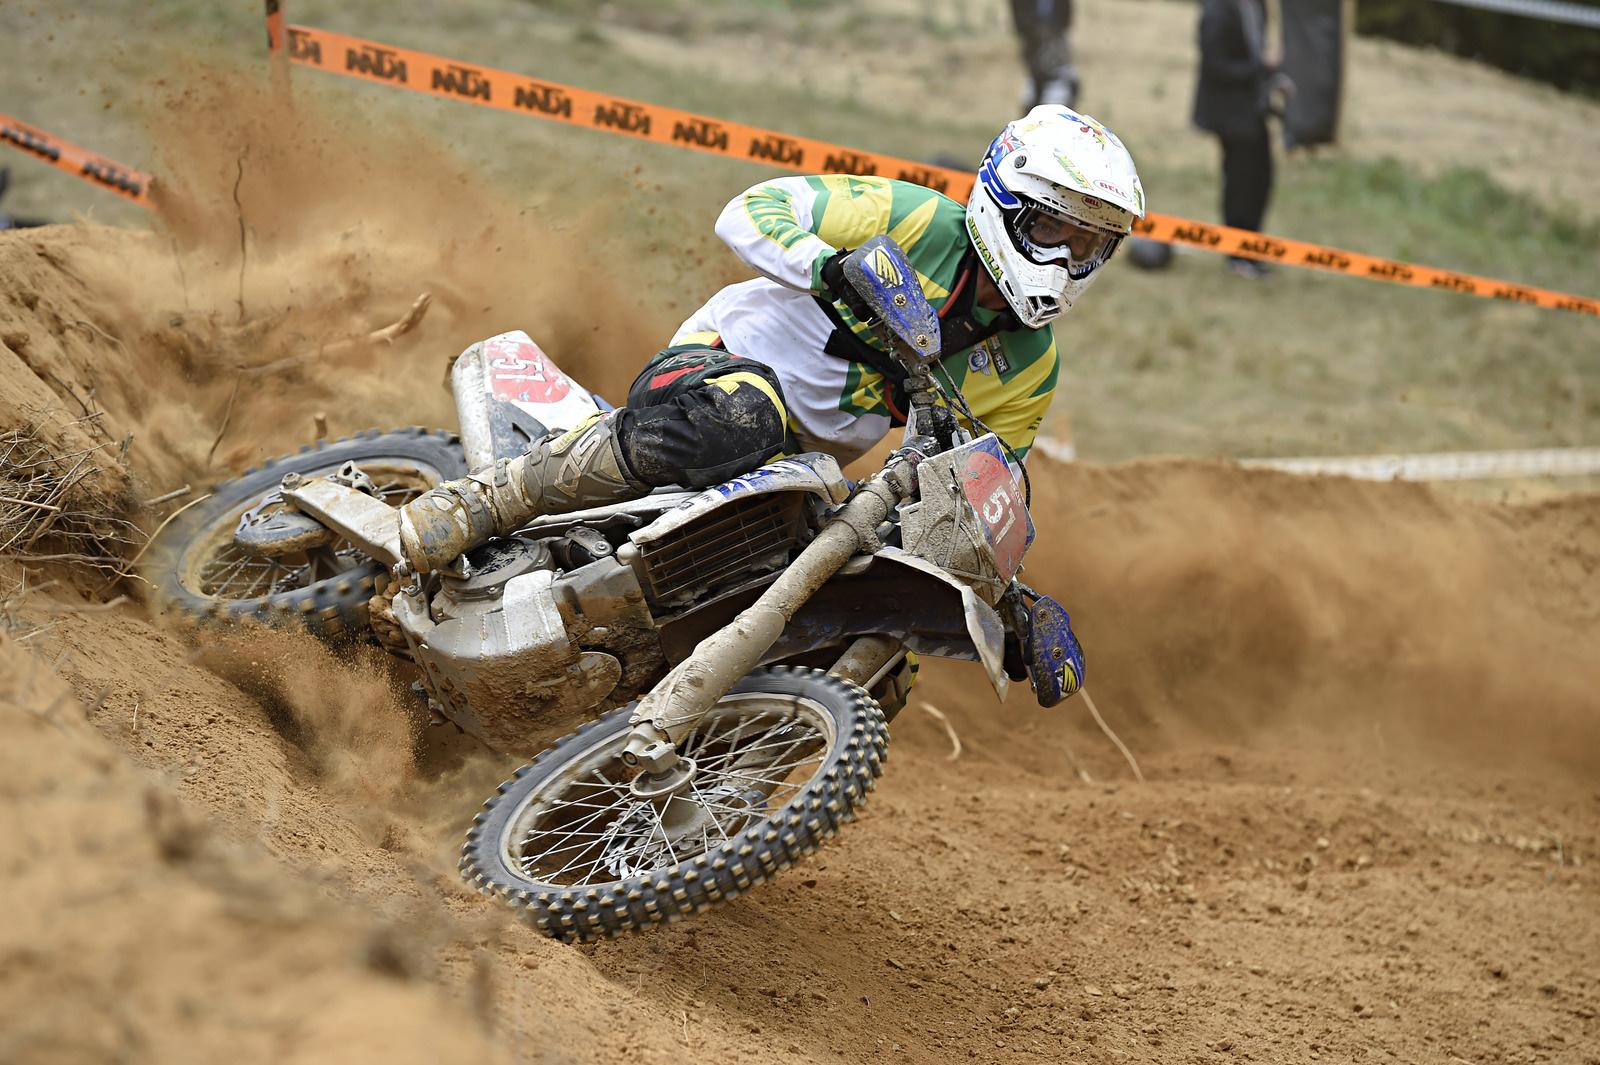 Für Daniel Milner (AUS, Yamaha) könnte es kaum besser laufen